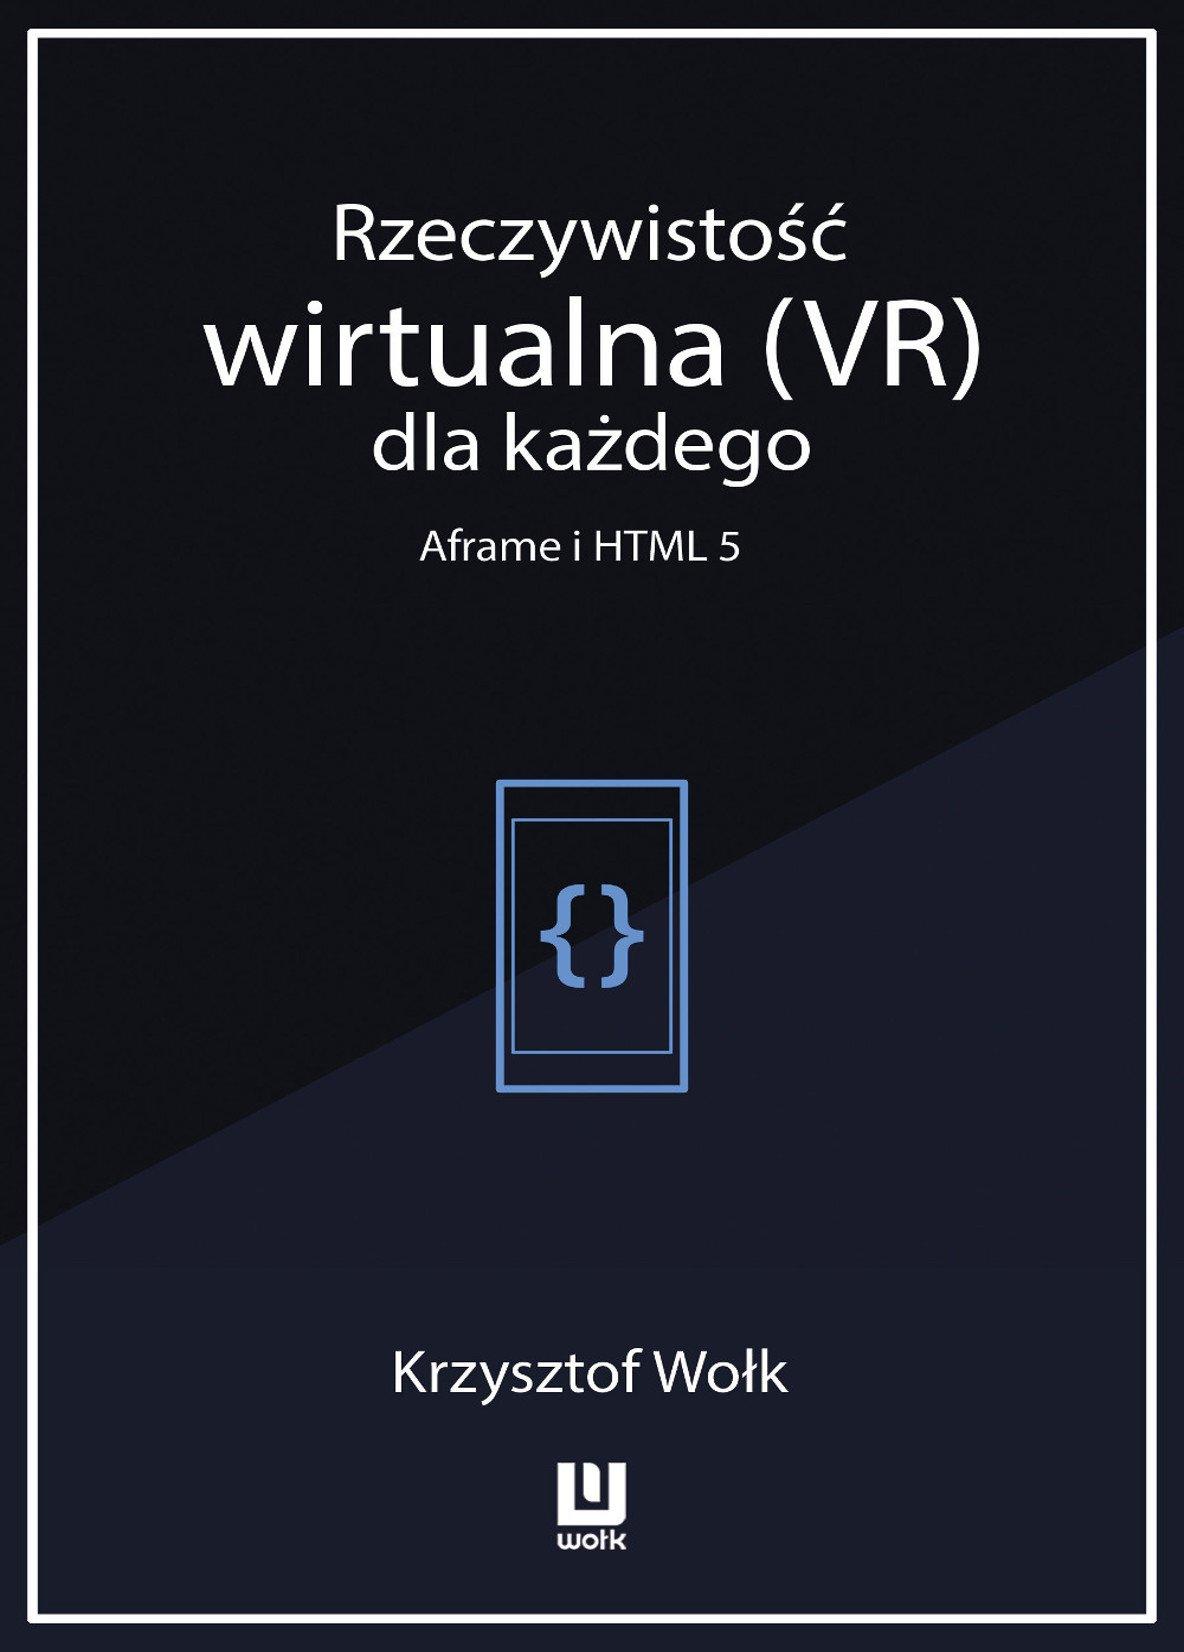 Rzeczywistość wirtualna (VR) dla każdego - Aframe i HTML 5 - Ebook (Książka na Kindle) do pobrania w formacie MOBI